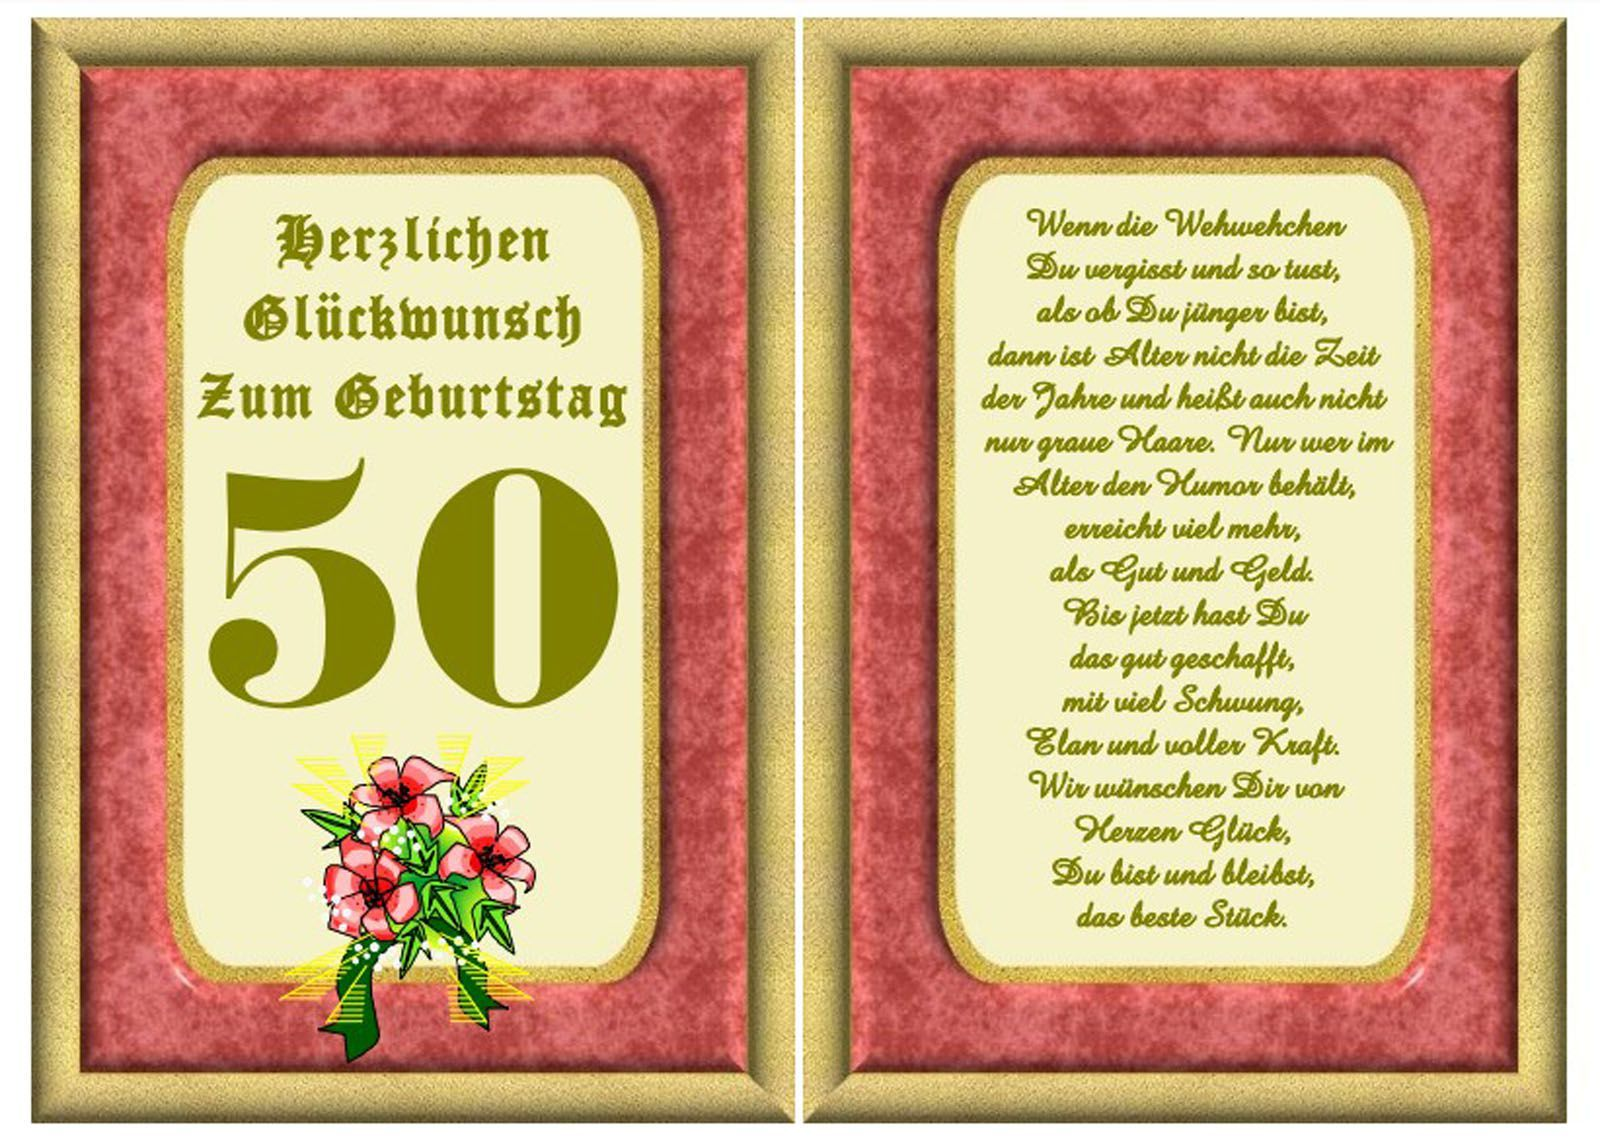 einladung geburtstag 50 bayerisch | einladungen geburtstag, Einladung